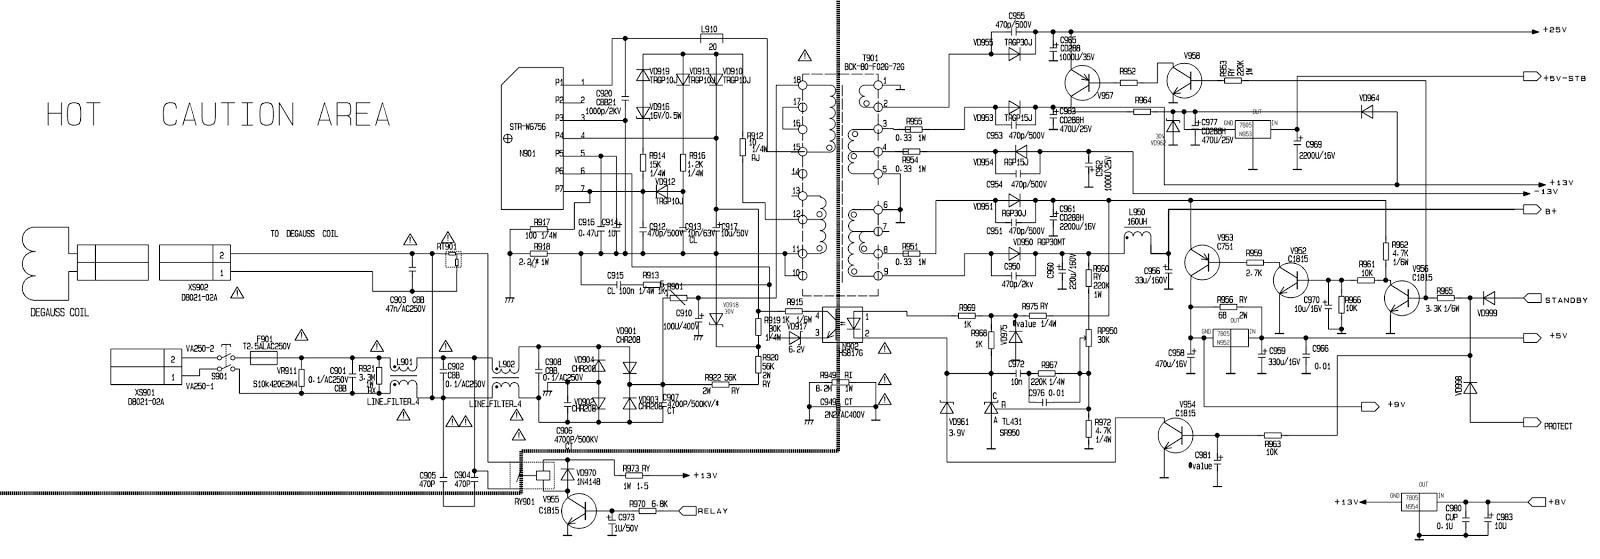 medium resolution of schematic diagram